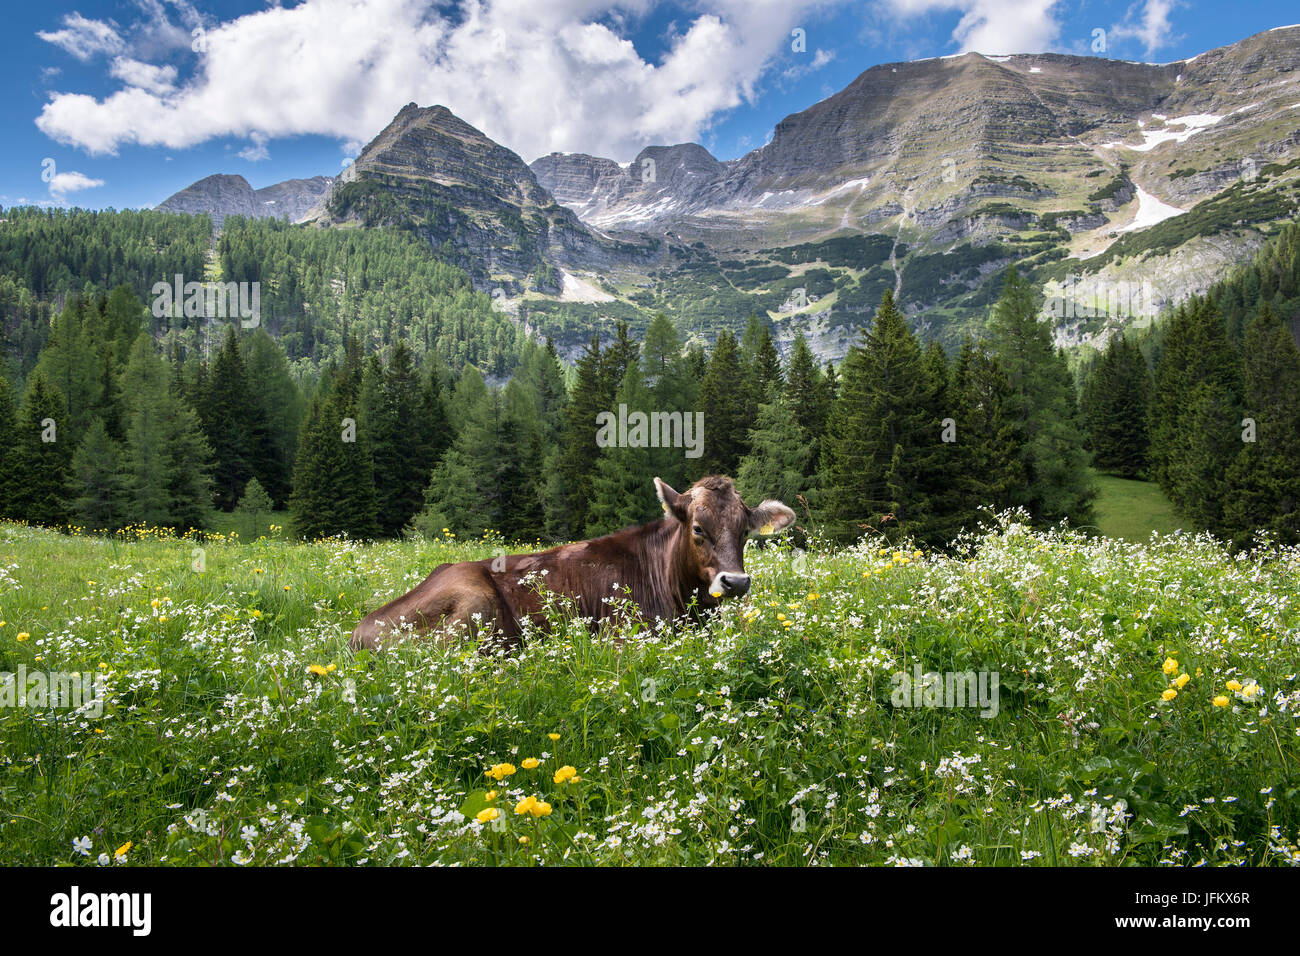 Cow in flower meadow, Wurzeralm, Warscheneck, Upper Austria, Austria Stock Photo